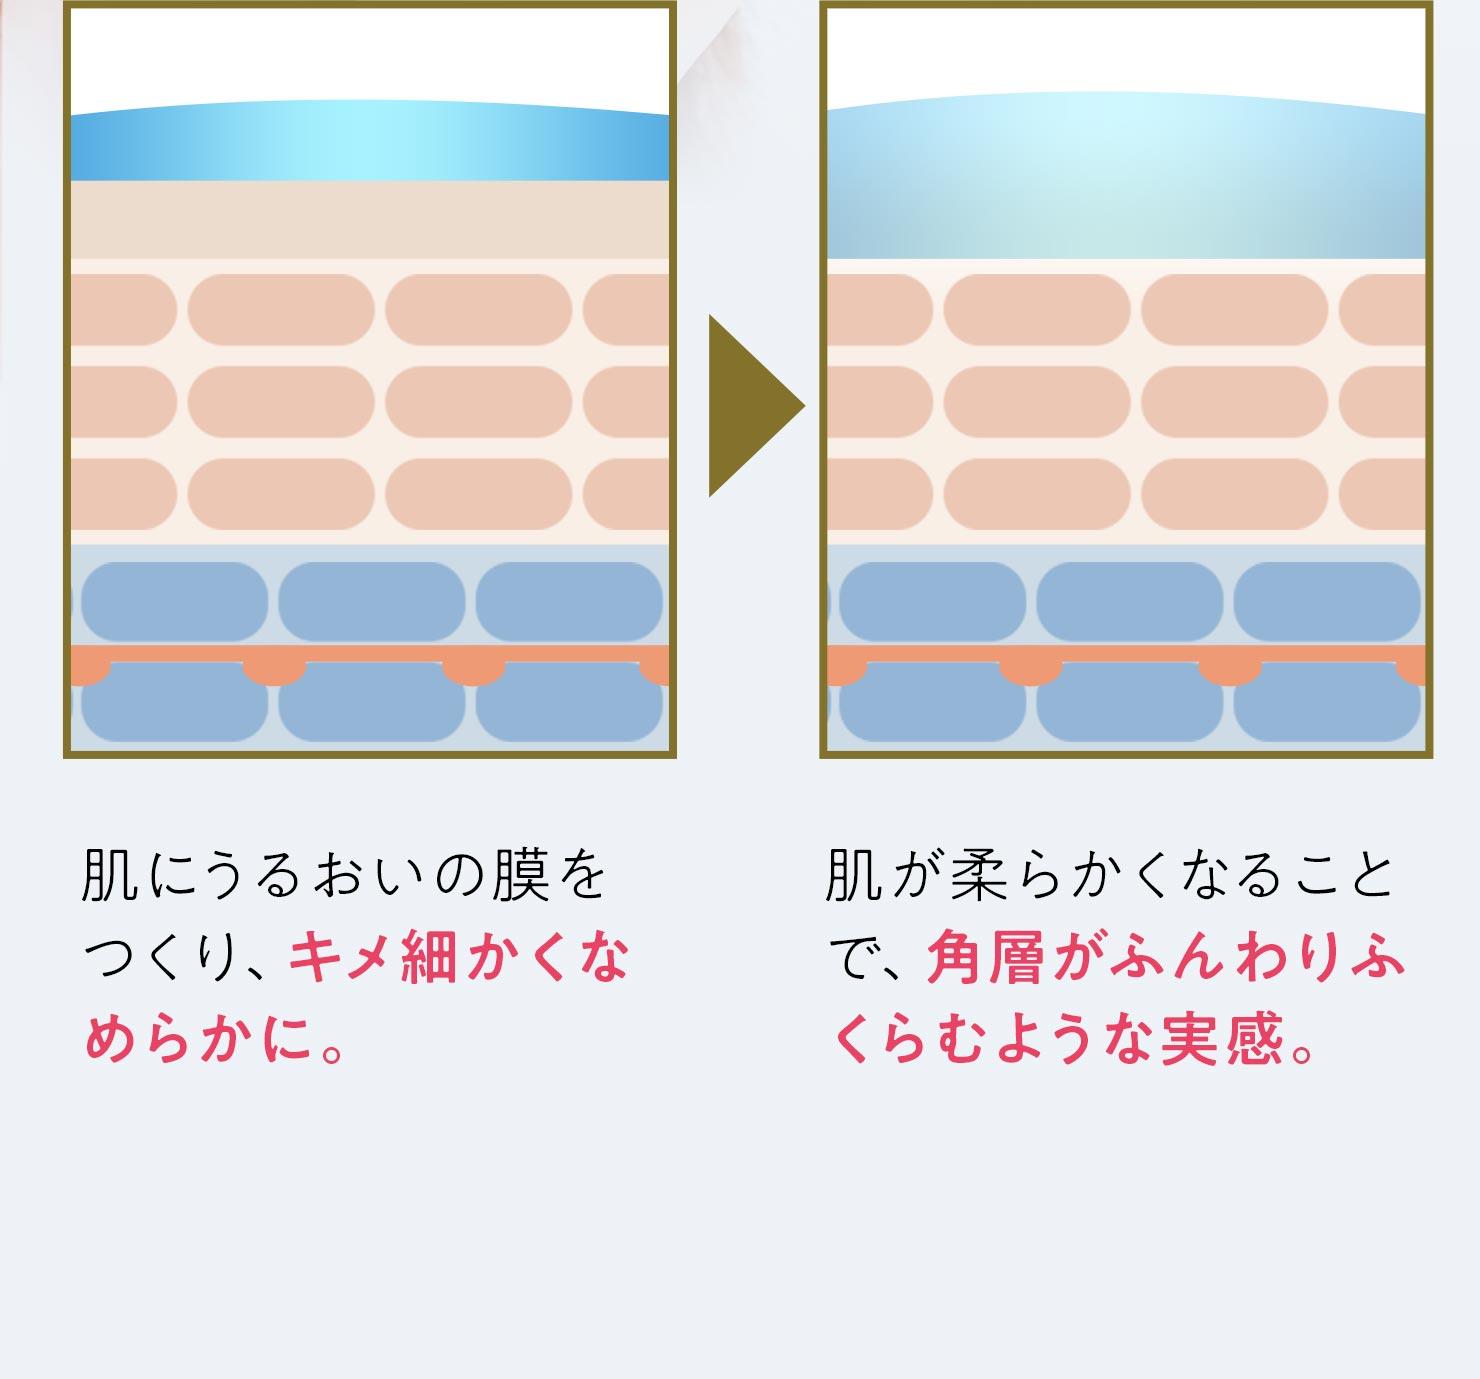 肌にうるおいの膜をつくり、キメ細かくなめらかに。肌が柔らかくなることで、角層がふんわりふくらむような実感。